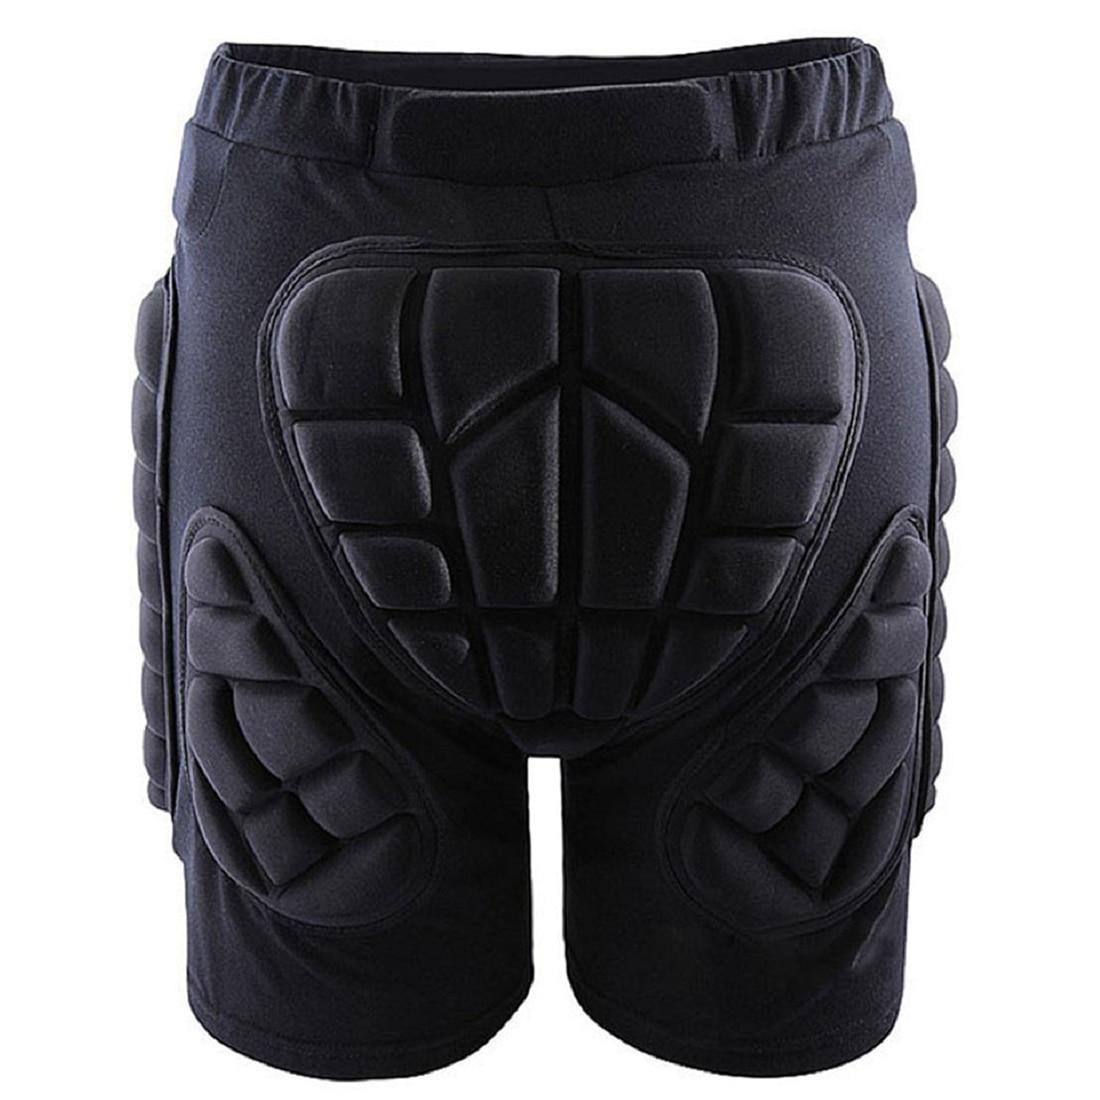 5шт( Открытый снаряжение Хип защитный шорты Skate катание на коньках сноуборд штаны, черный L